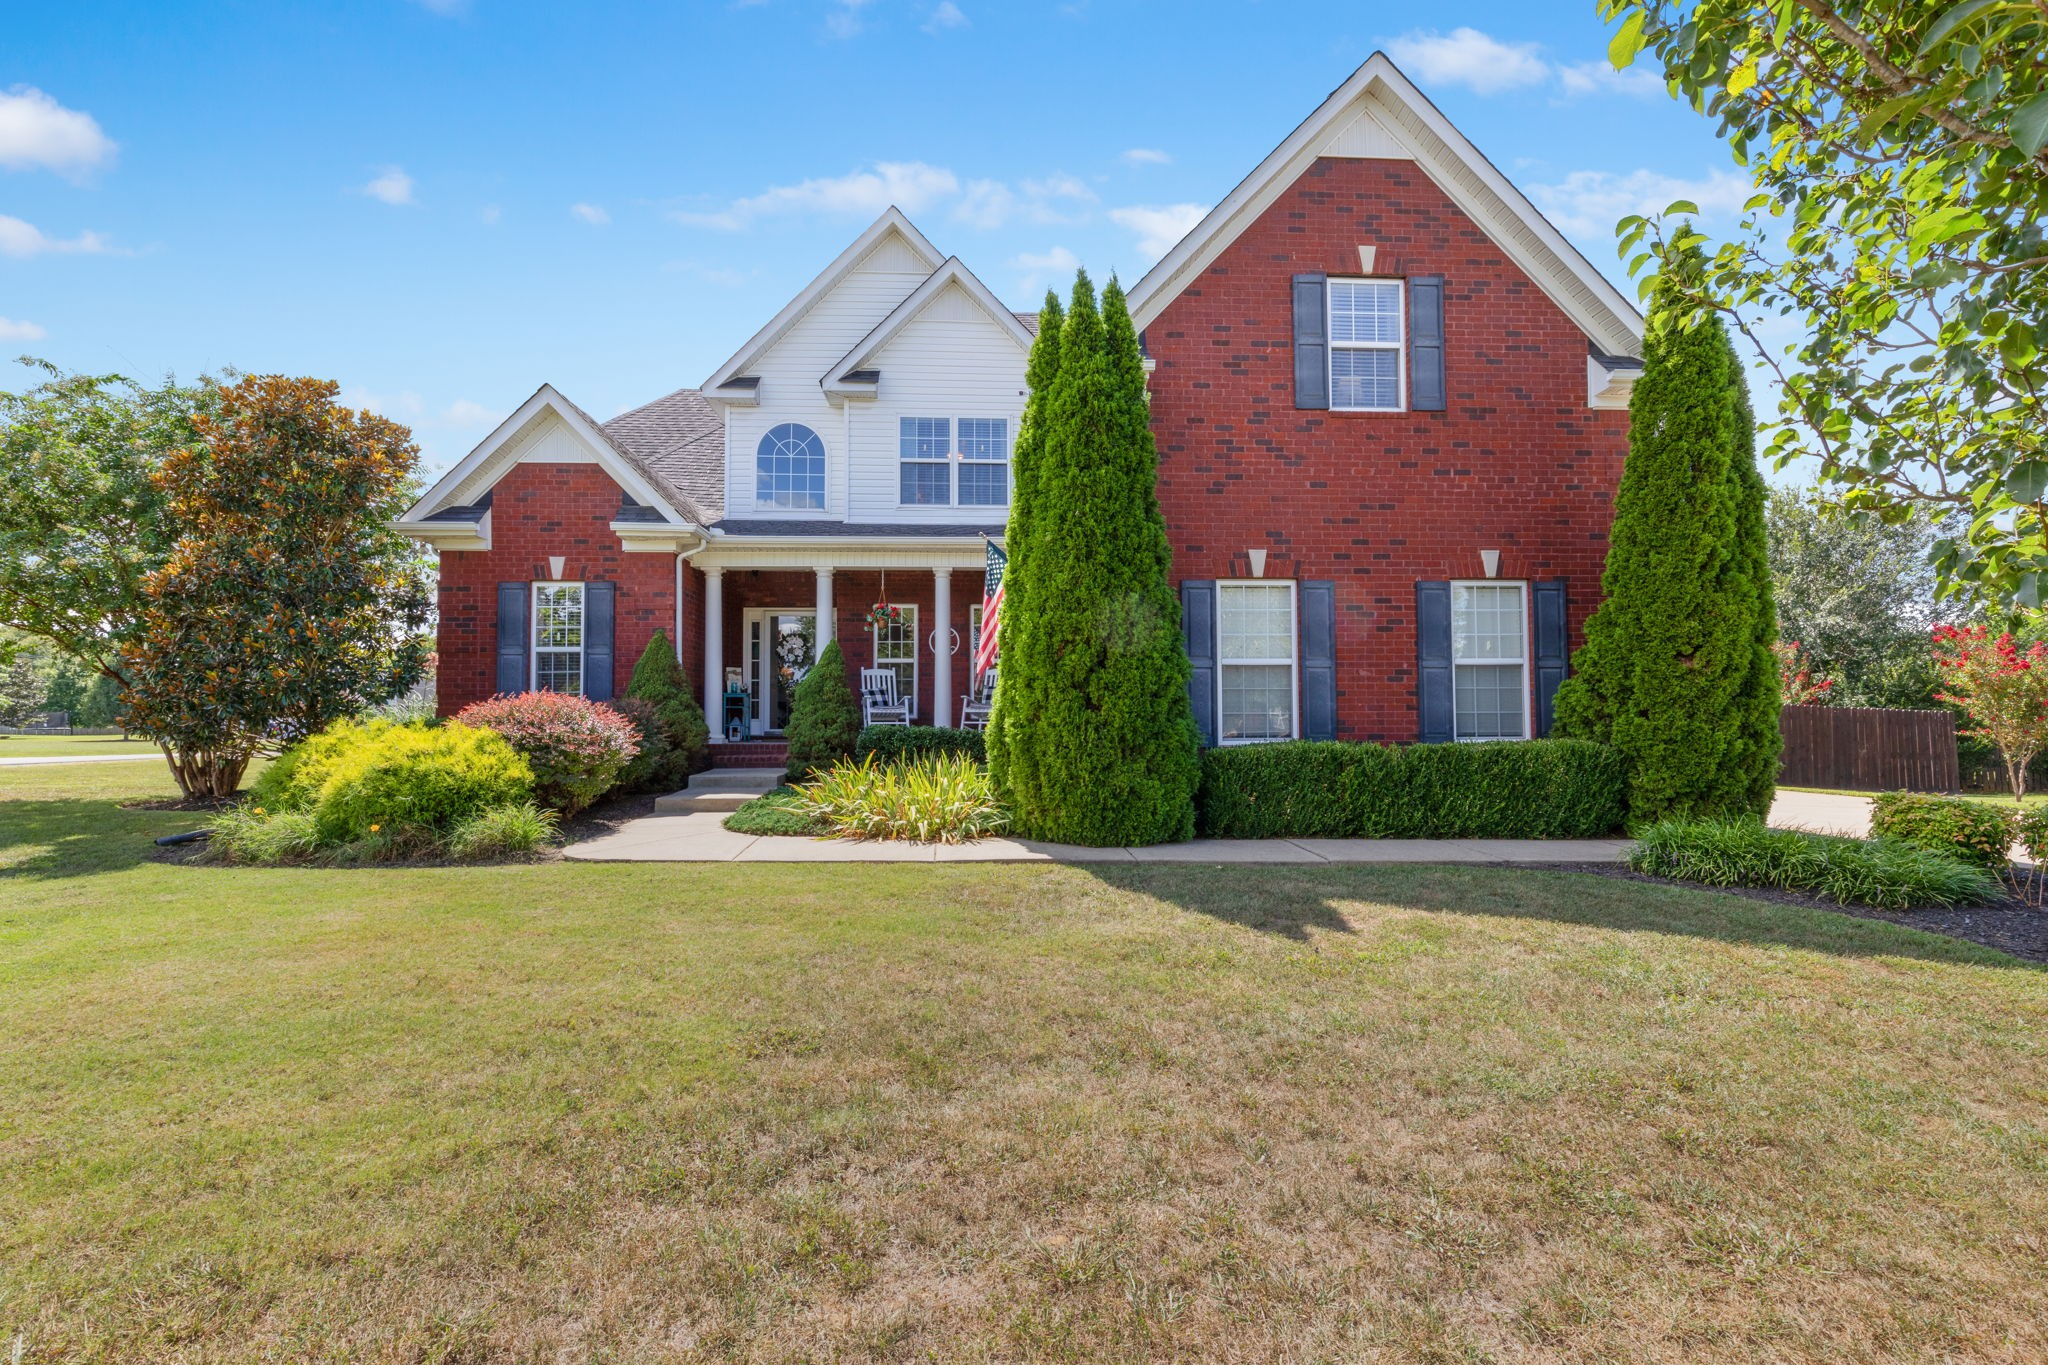 2101 Salem Woods Dr Property Photo - Rockvale, TN real estate listing